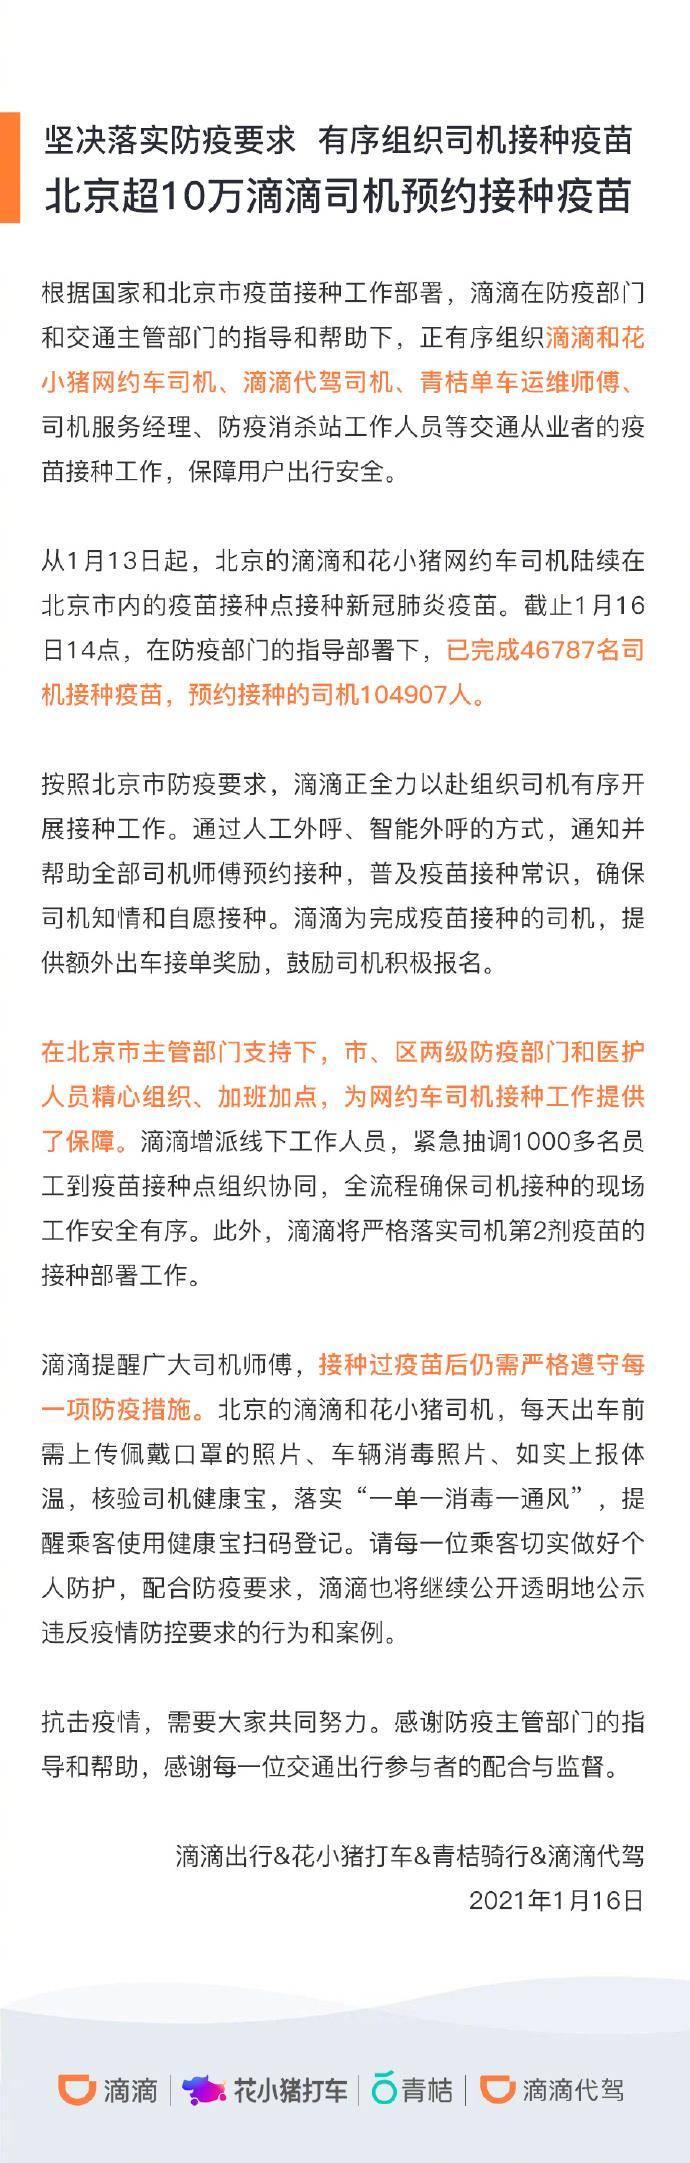 超10万司机预约接种疫苗 北京滴滴和花小猪已完成46787名司机接种疫苗